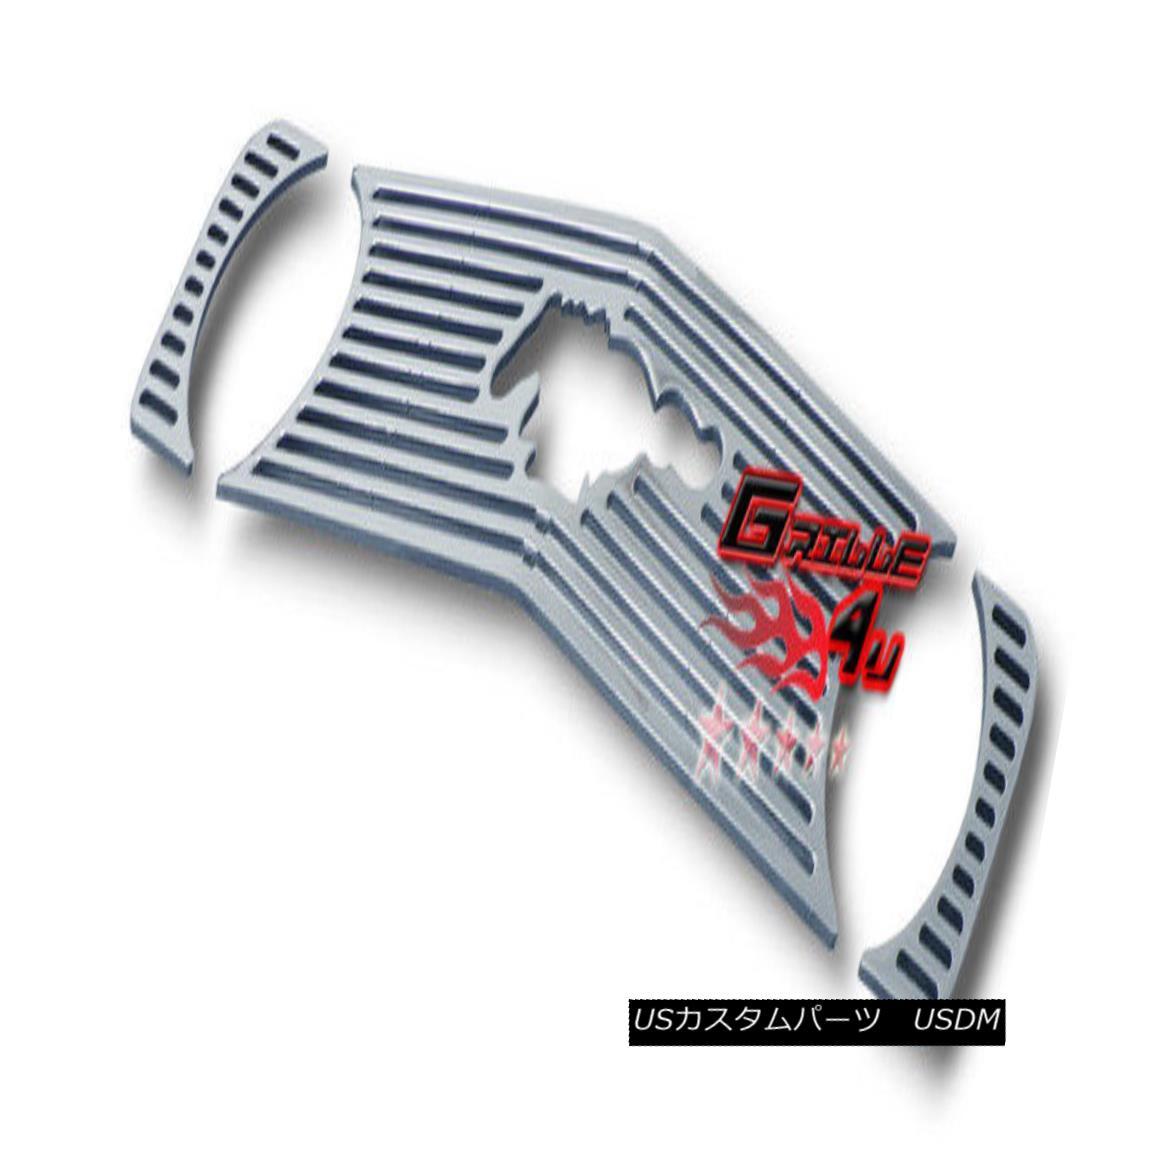 グリル For 05-09 Ford Mustang GT V8 Perimeter Premium Grille Insert 05-09 Ford Mustang GT V8周辺プレミアムグリルインサート